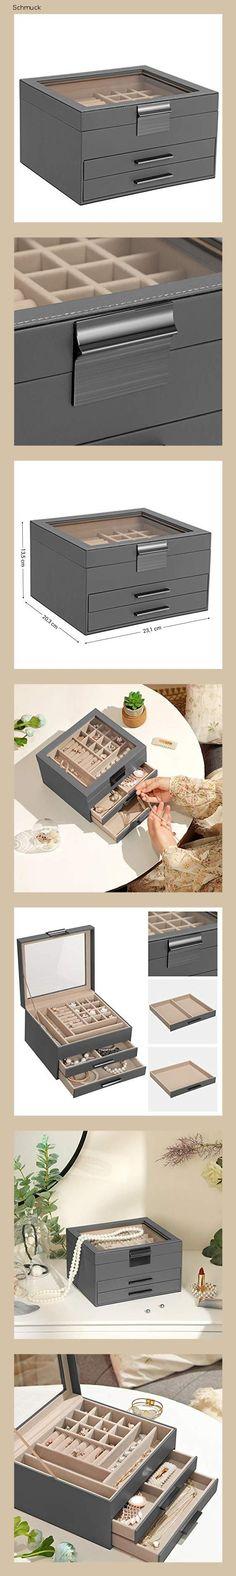 SONGMICS Schmuckkästchen mit Glasdeckel, Schmuckkasten mit 3 Ebenen, Schmuckbox mit 2 Schubladen, Schmuckaufbewahrung, Geschenk für Ihre Liebsten, grau JBC239GY - 14g7